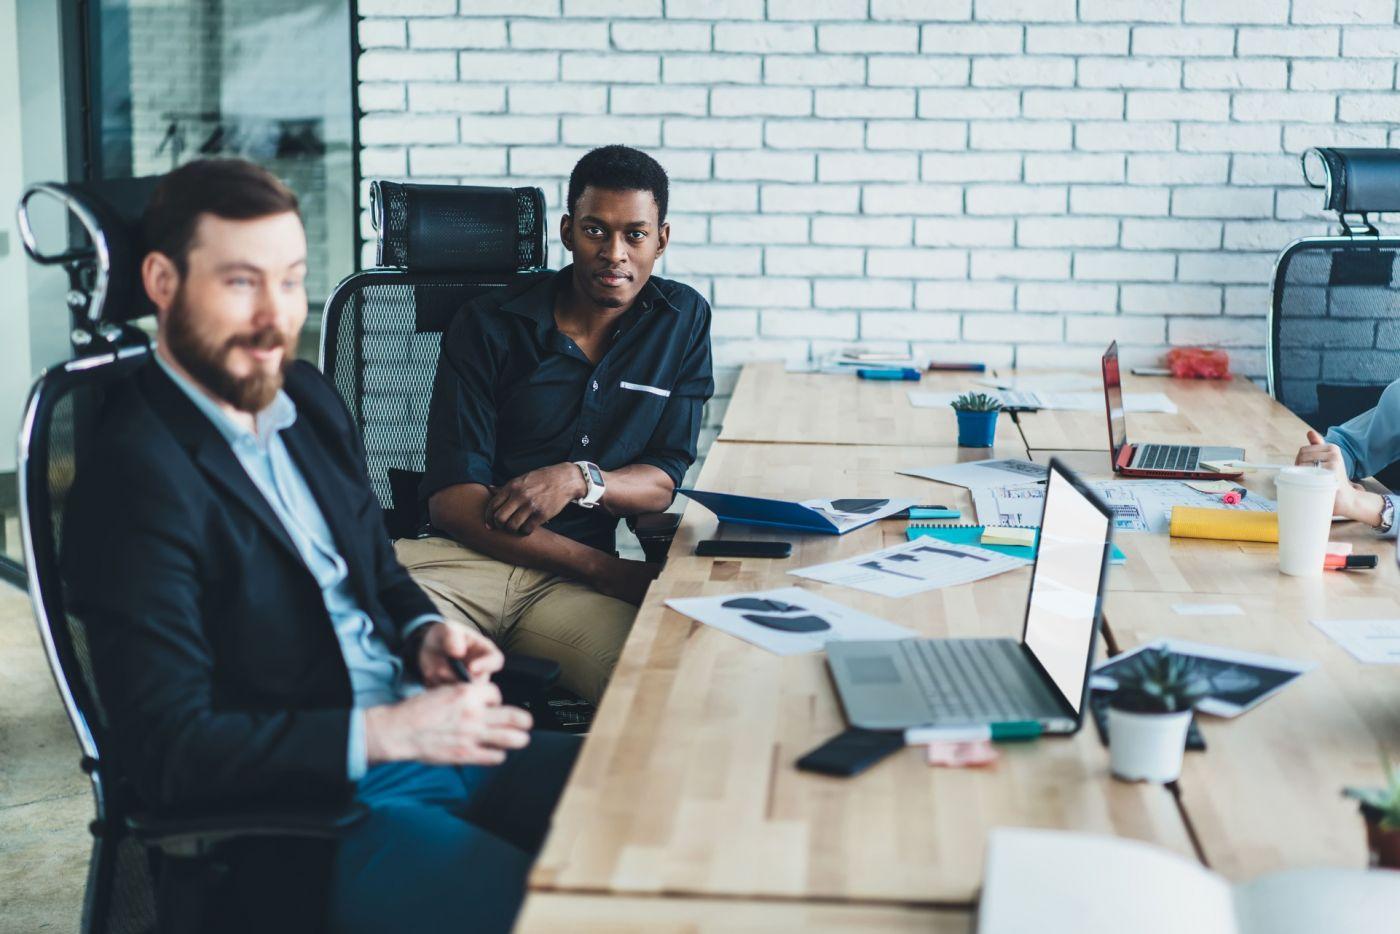 Imagem de dois homens sentados à mesa, em uma sala de reunião